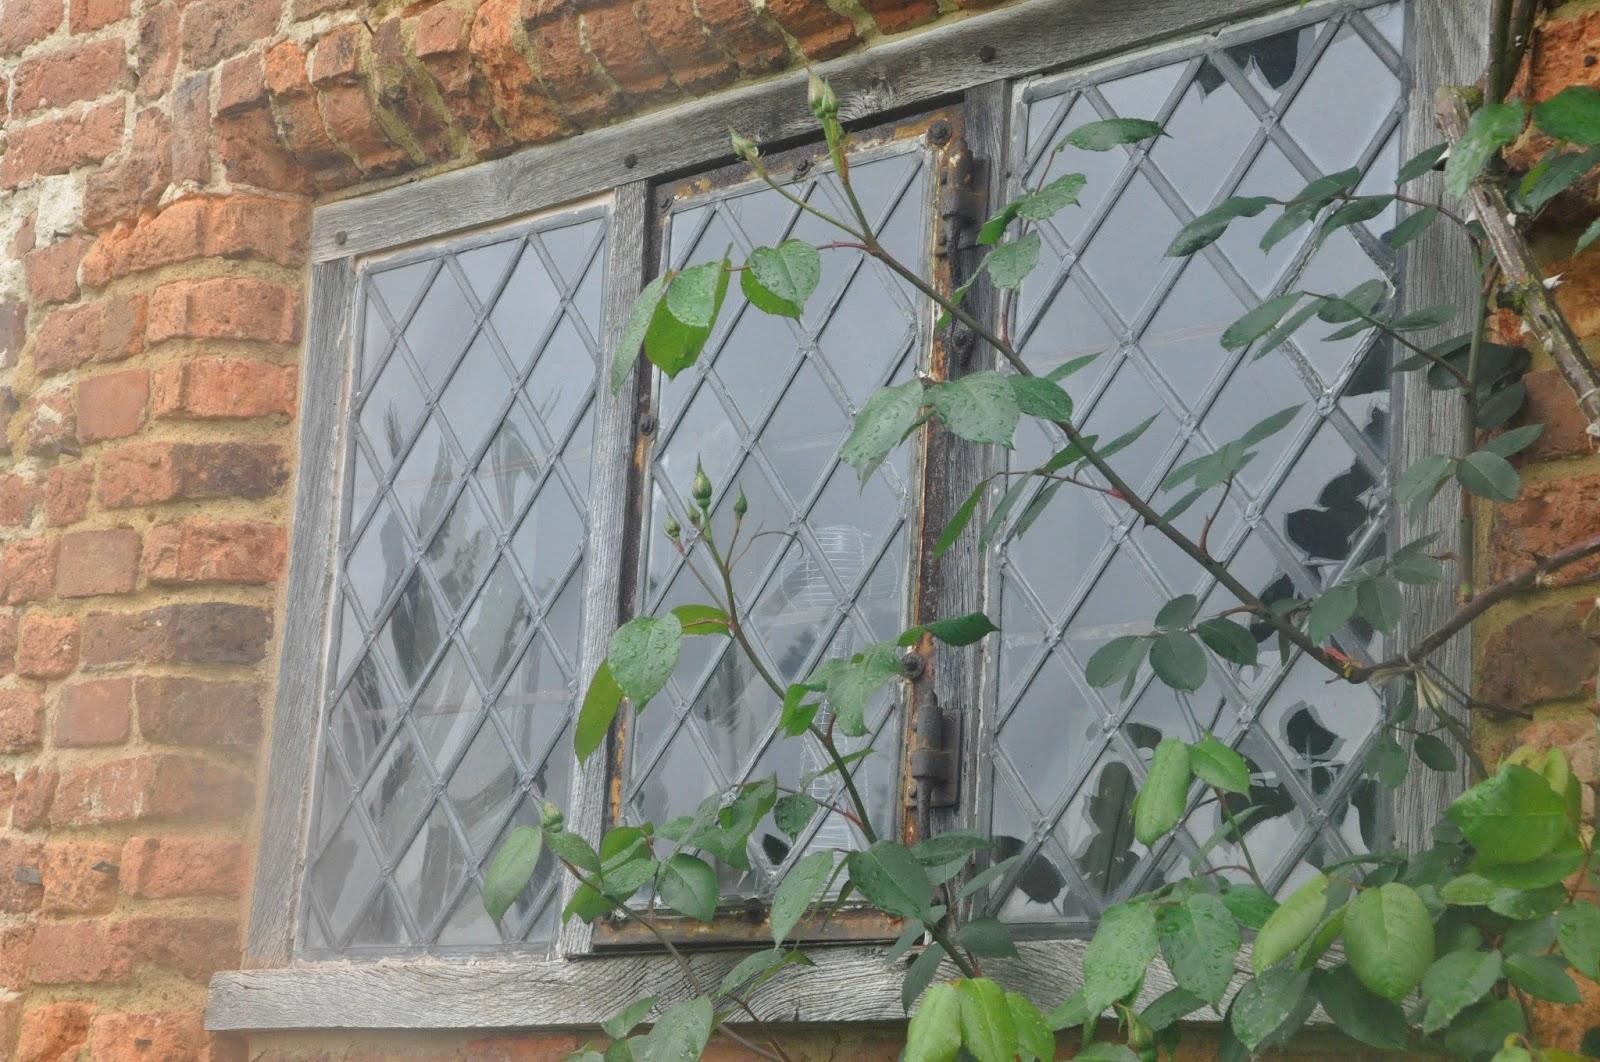 Fönster blyinfattade fönster : Hässelby GÃ¥rd: Mer England...